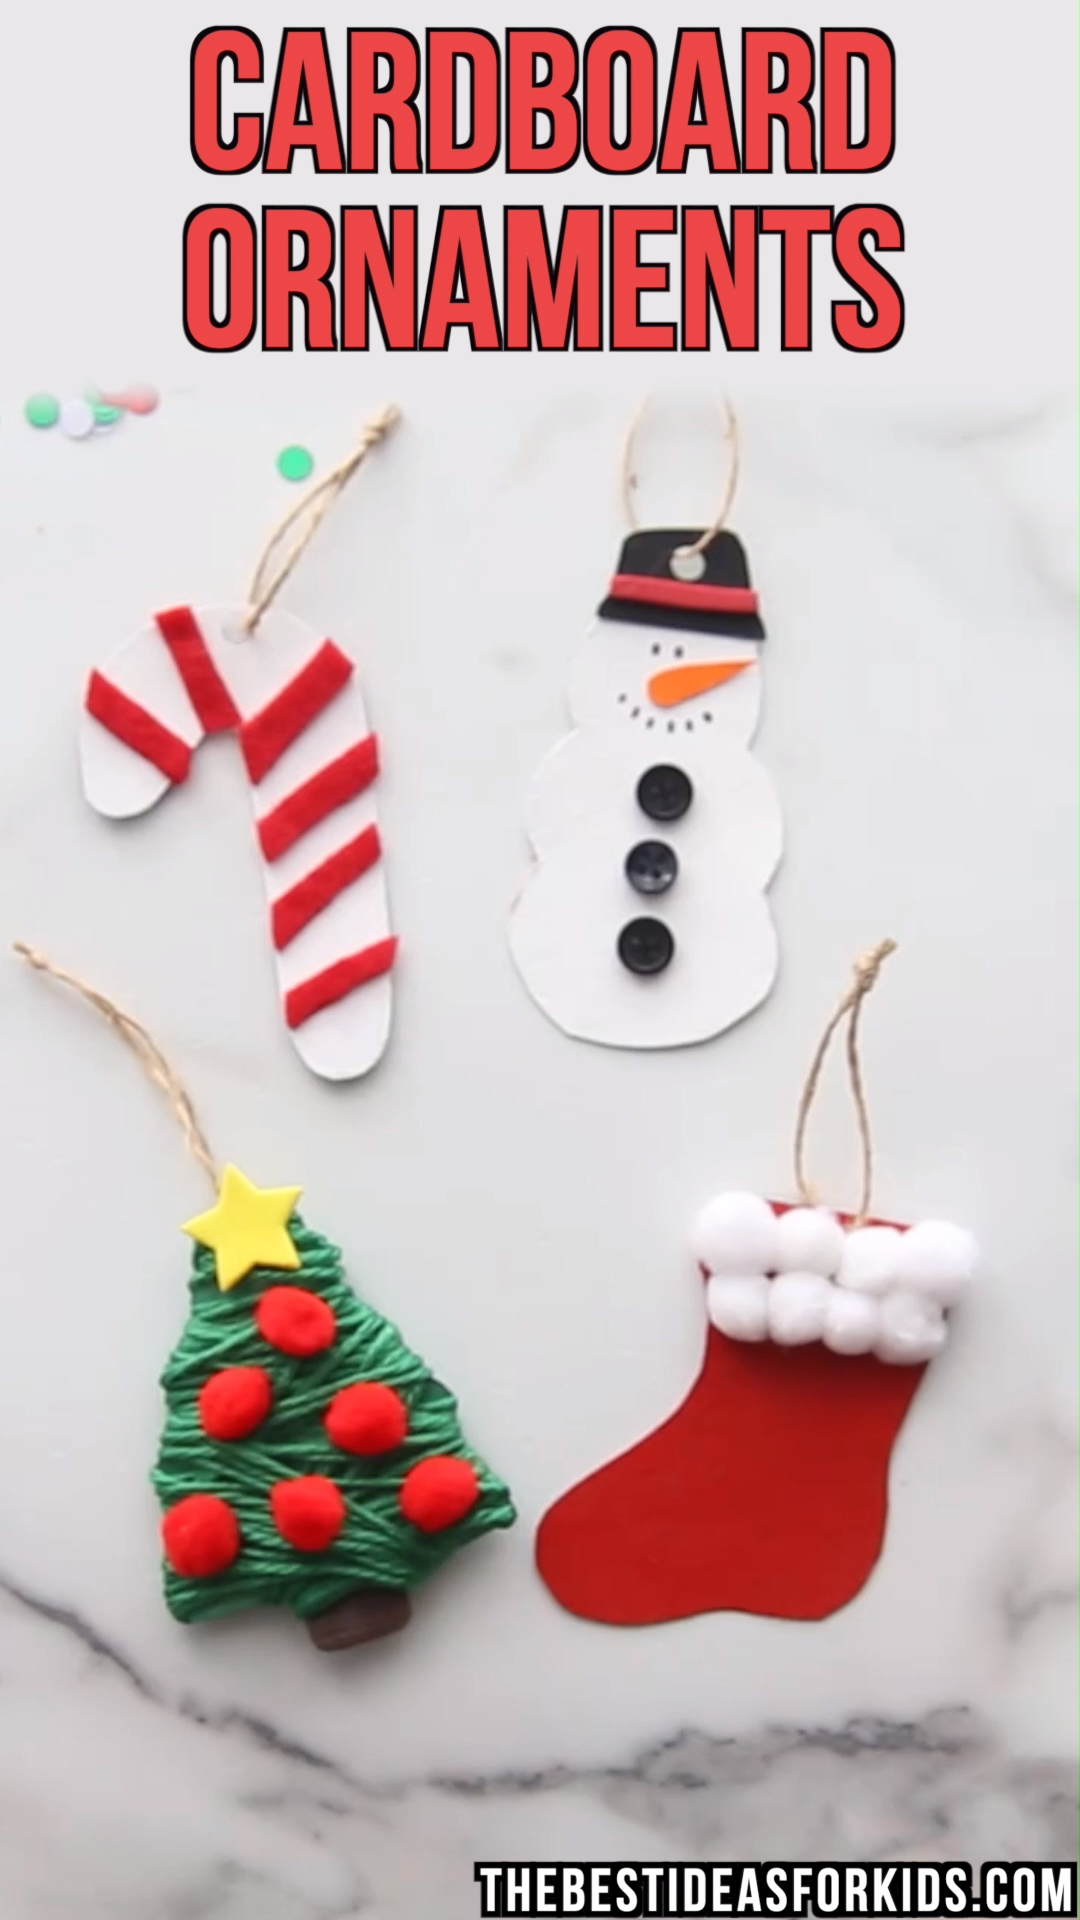 CARDBOARD ORNAMENTS #holidaycraftsforkidstomake